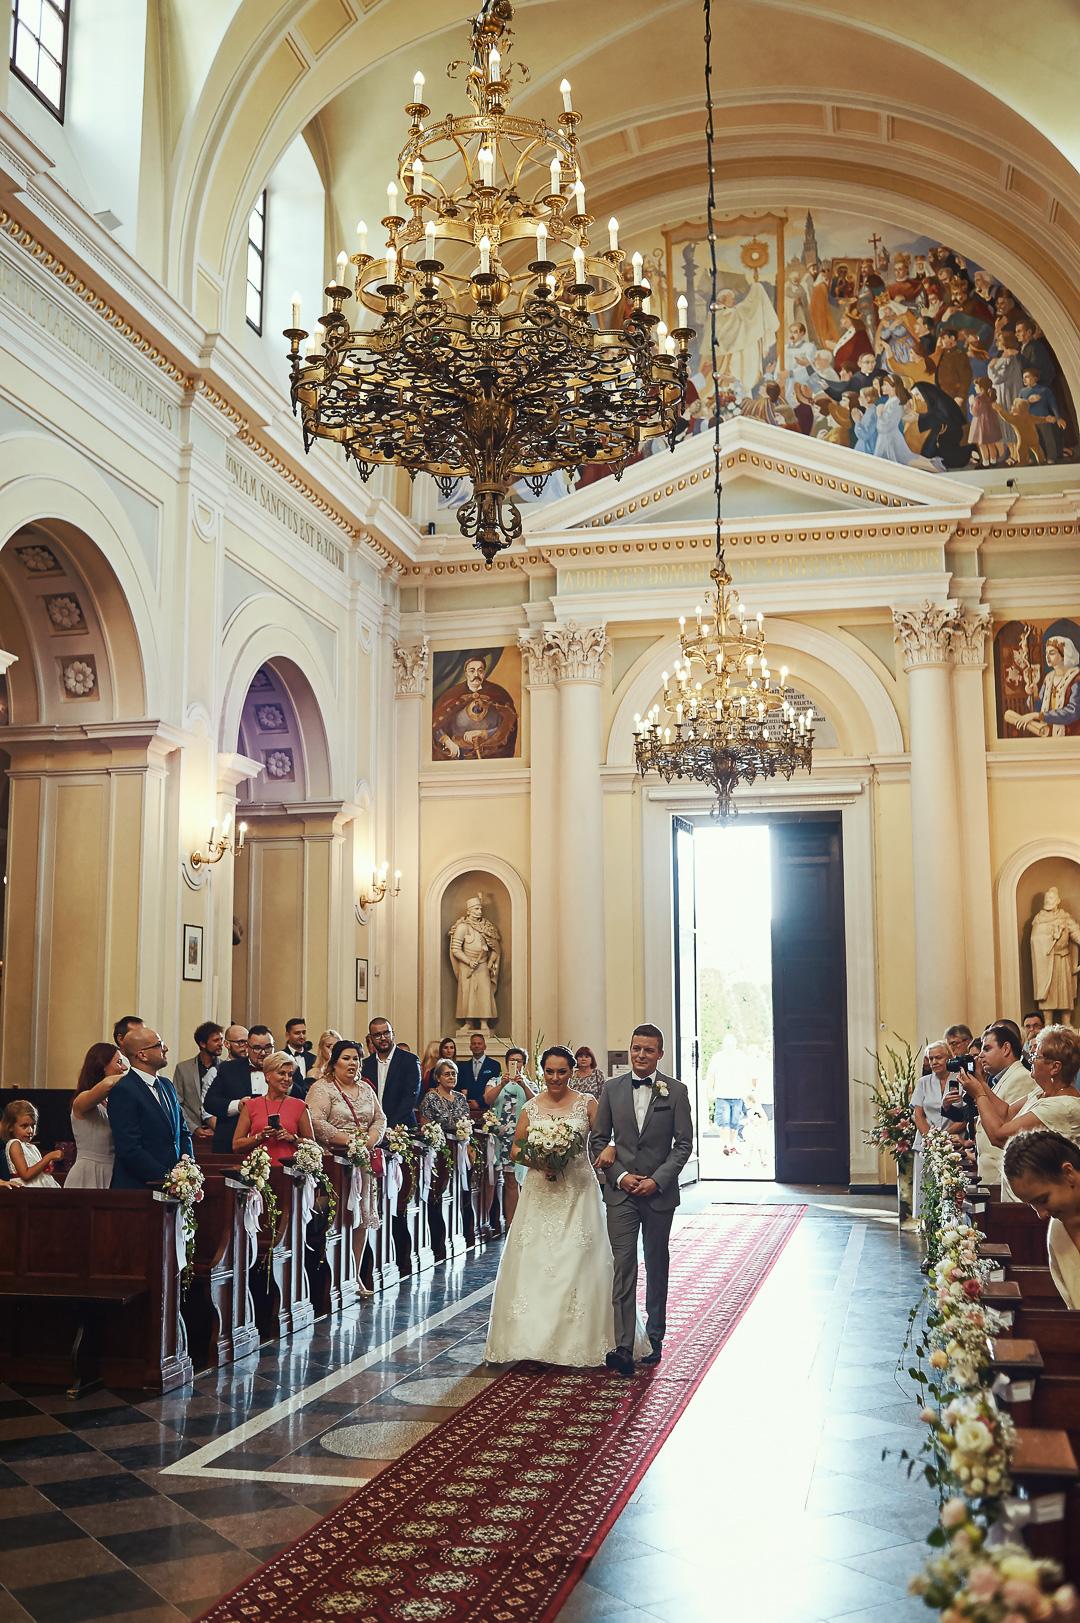 A+M - fotoreportaż ślubny Wilanów - Warszawa / Kościół św. Anny Wilanów 46